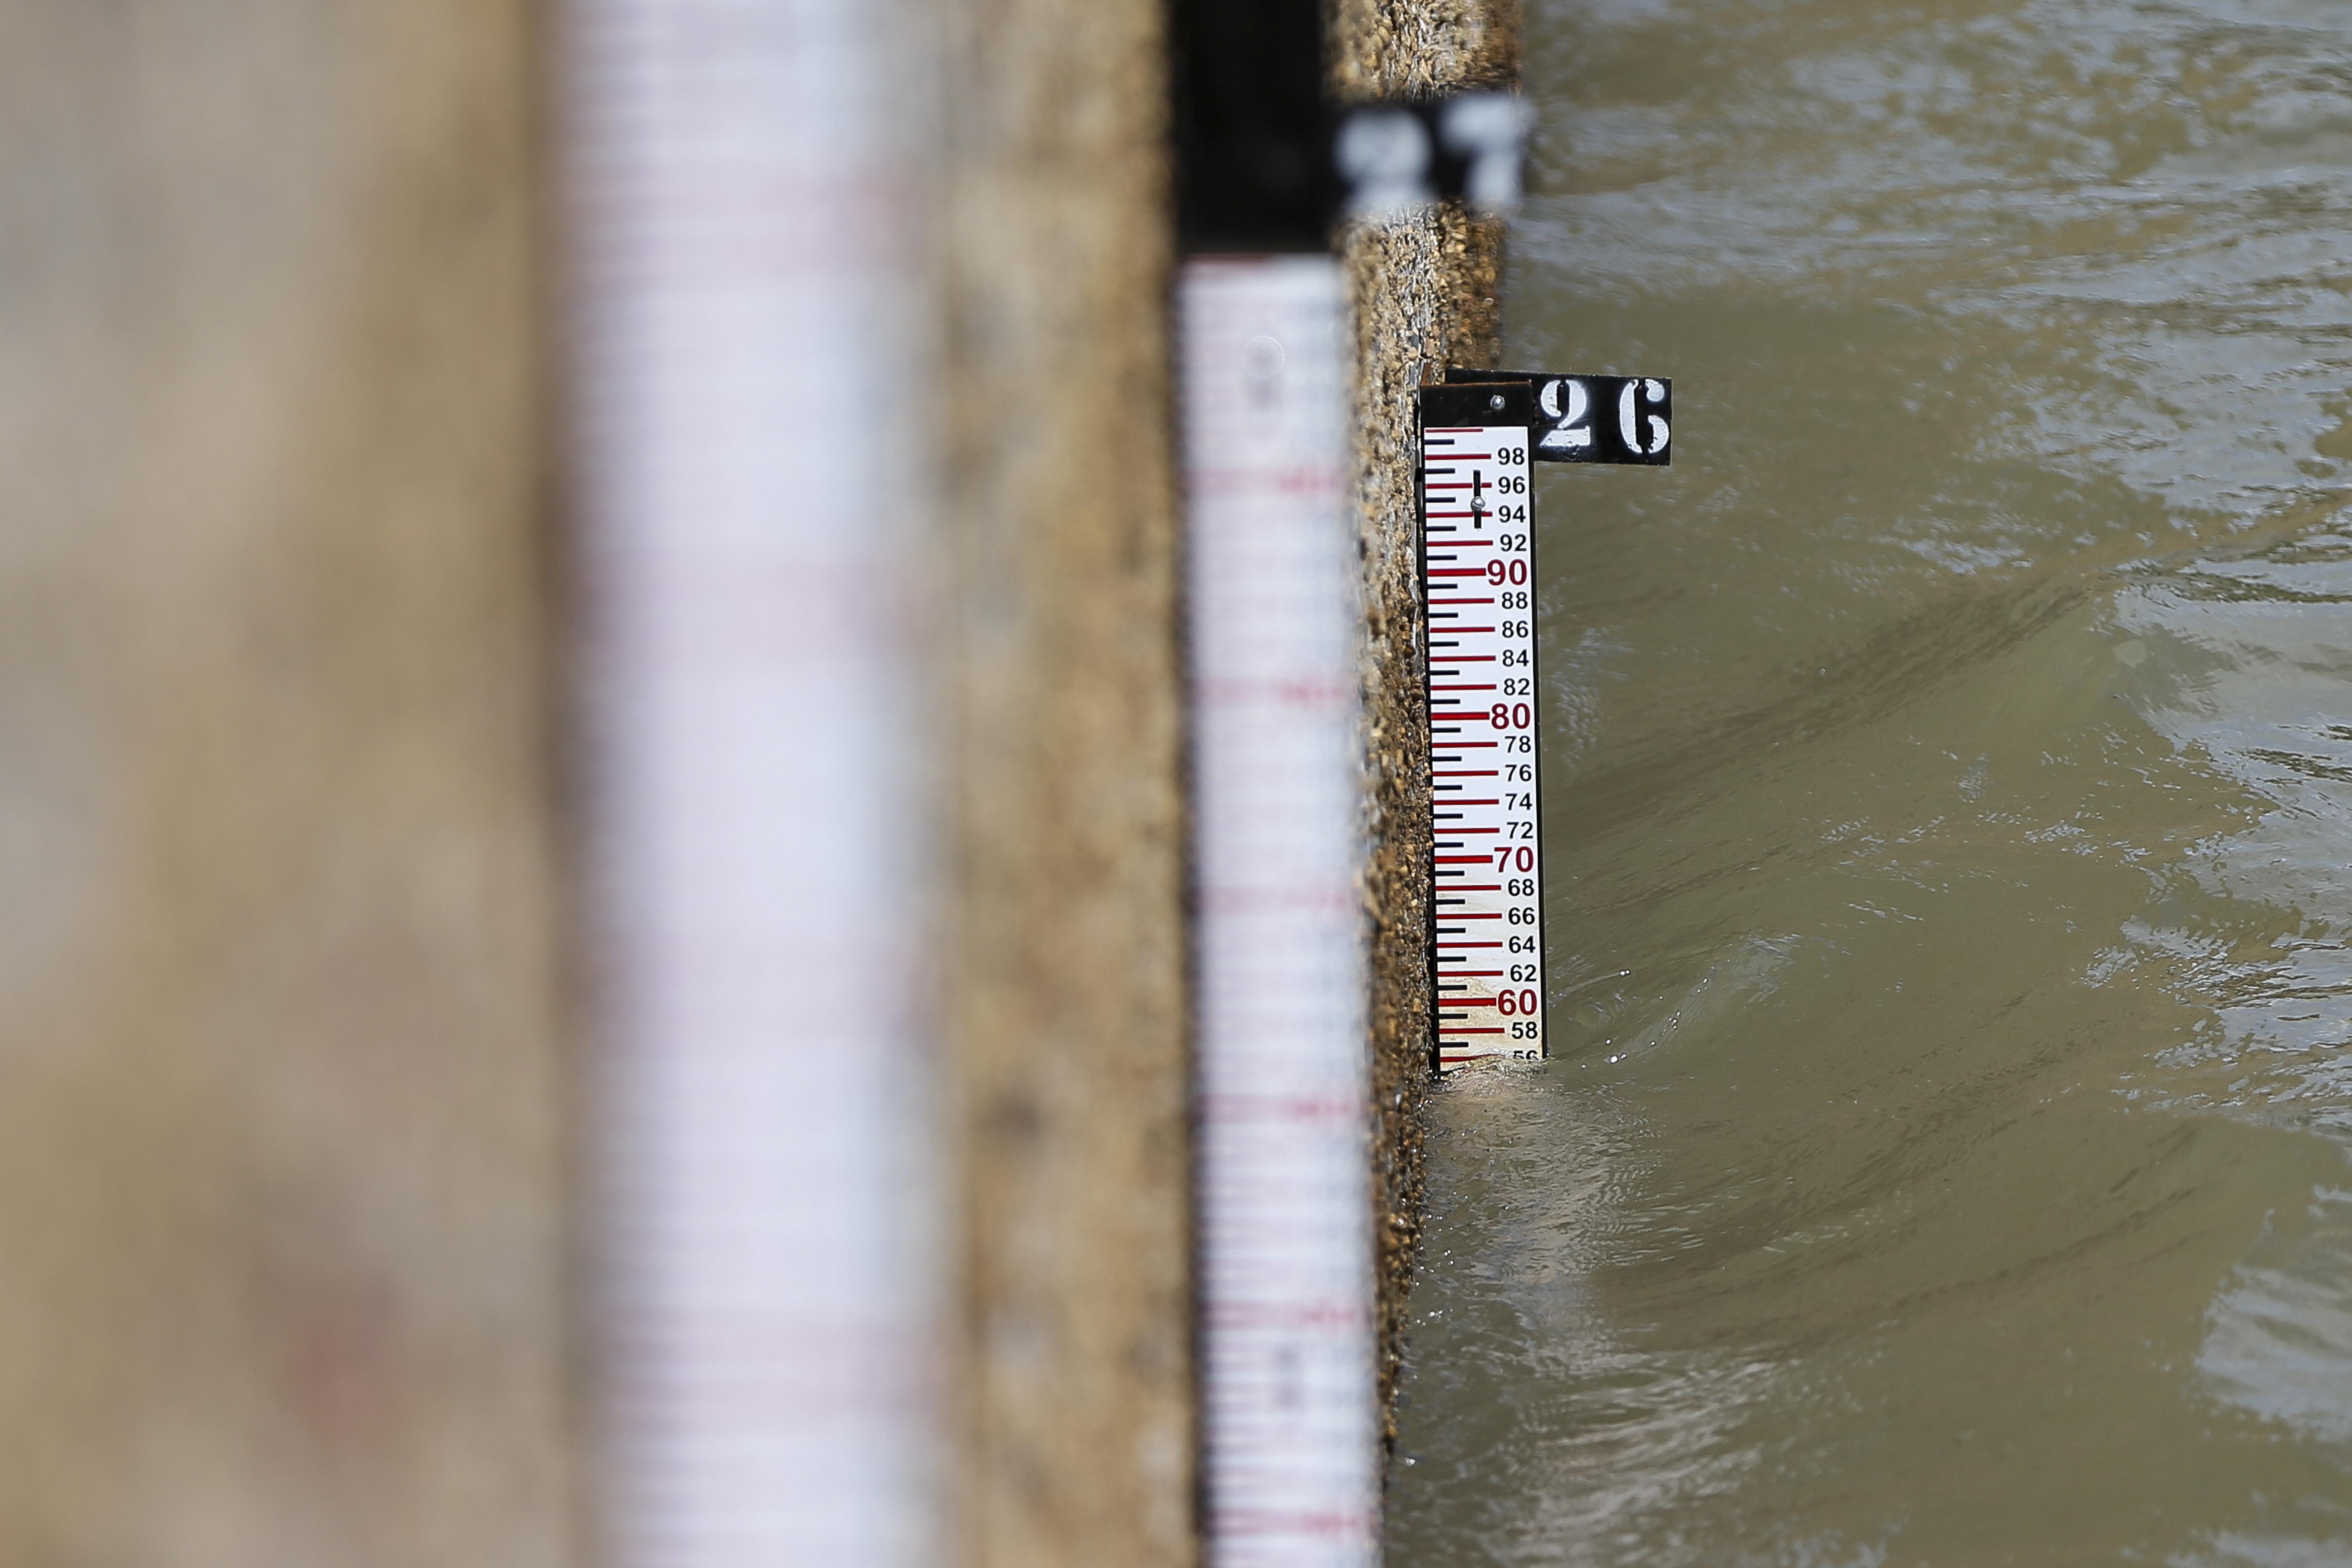 Brasília - Nível de água da Barragem do Descoberto está abaixo da média histórica, com ameaça de desabastecimento em parte das cidades satélites. Foto: Marcelo Camargo/Agência Brasil/Agência Brasil